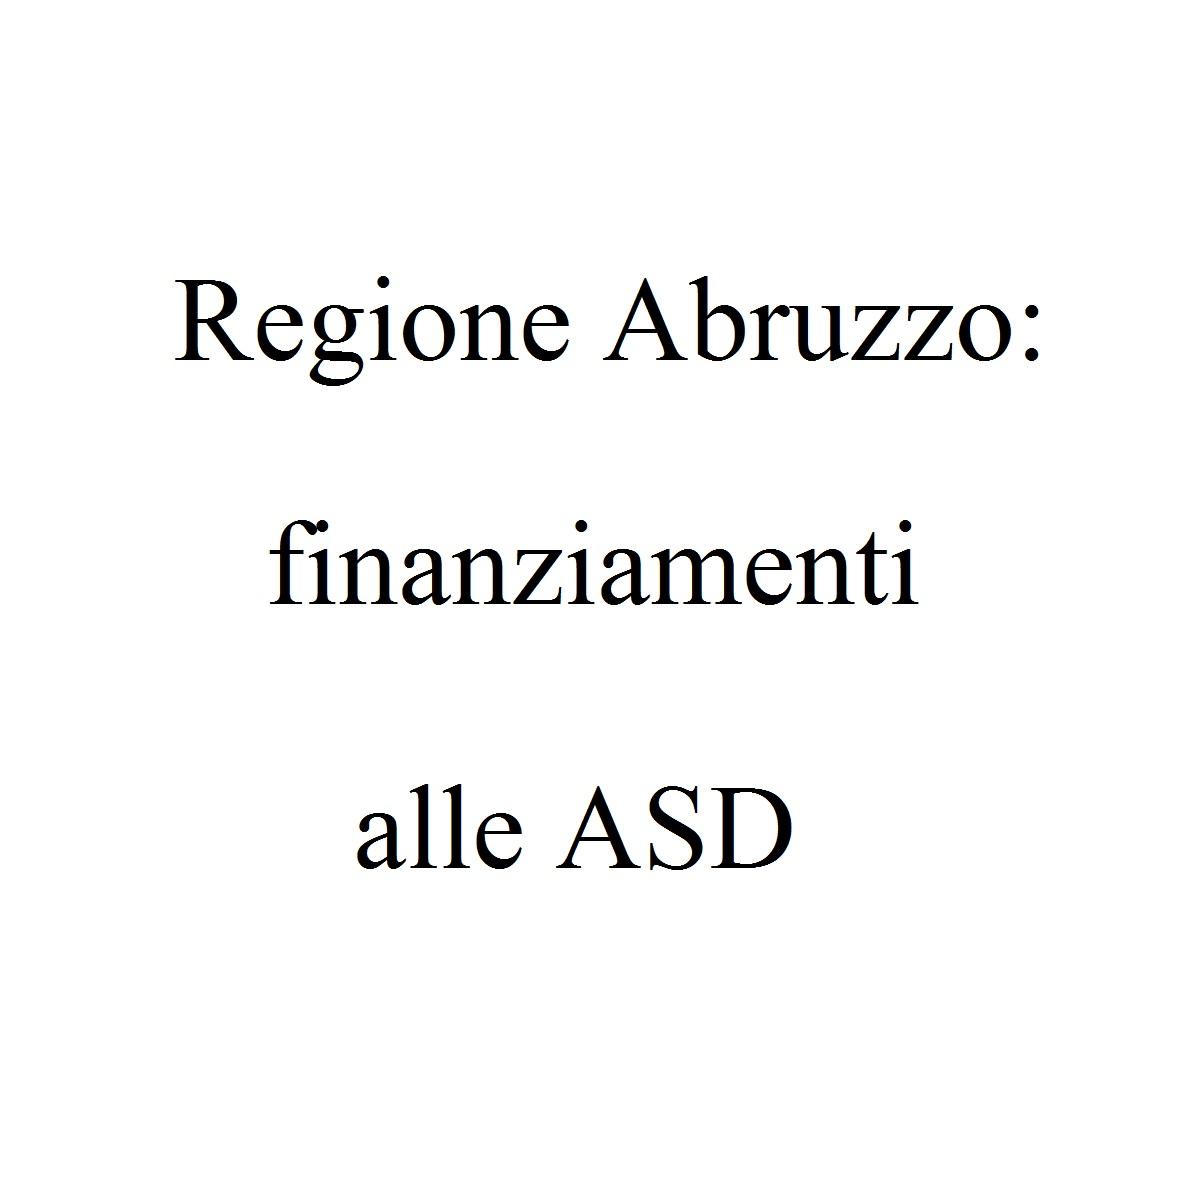 Regione Abruzzo finanziamenti alle ASD foto